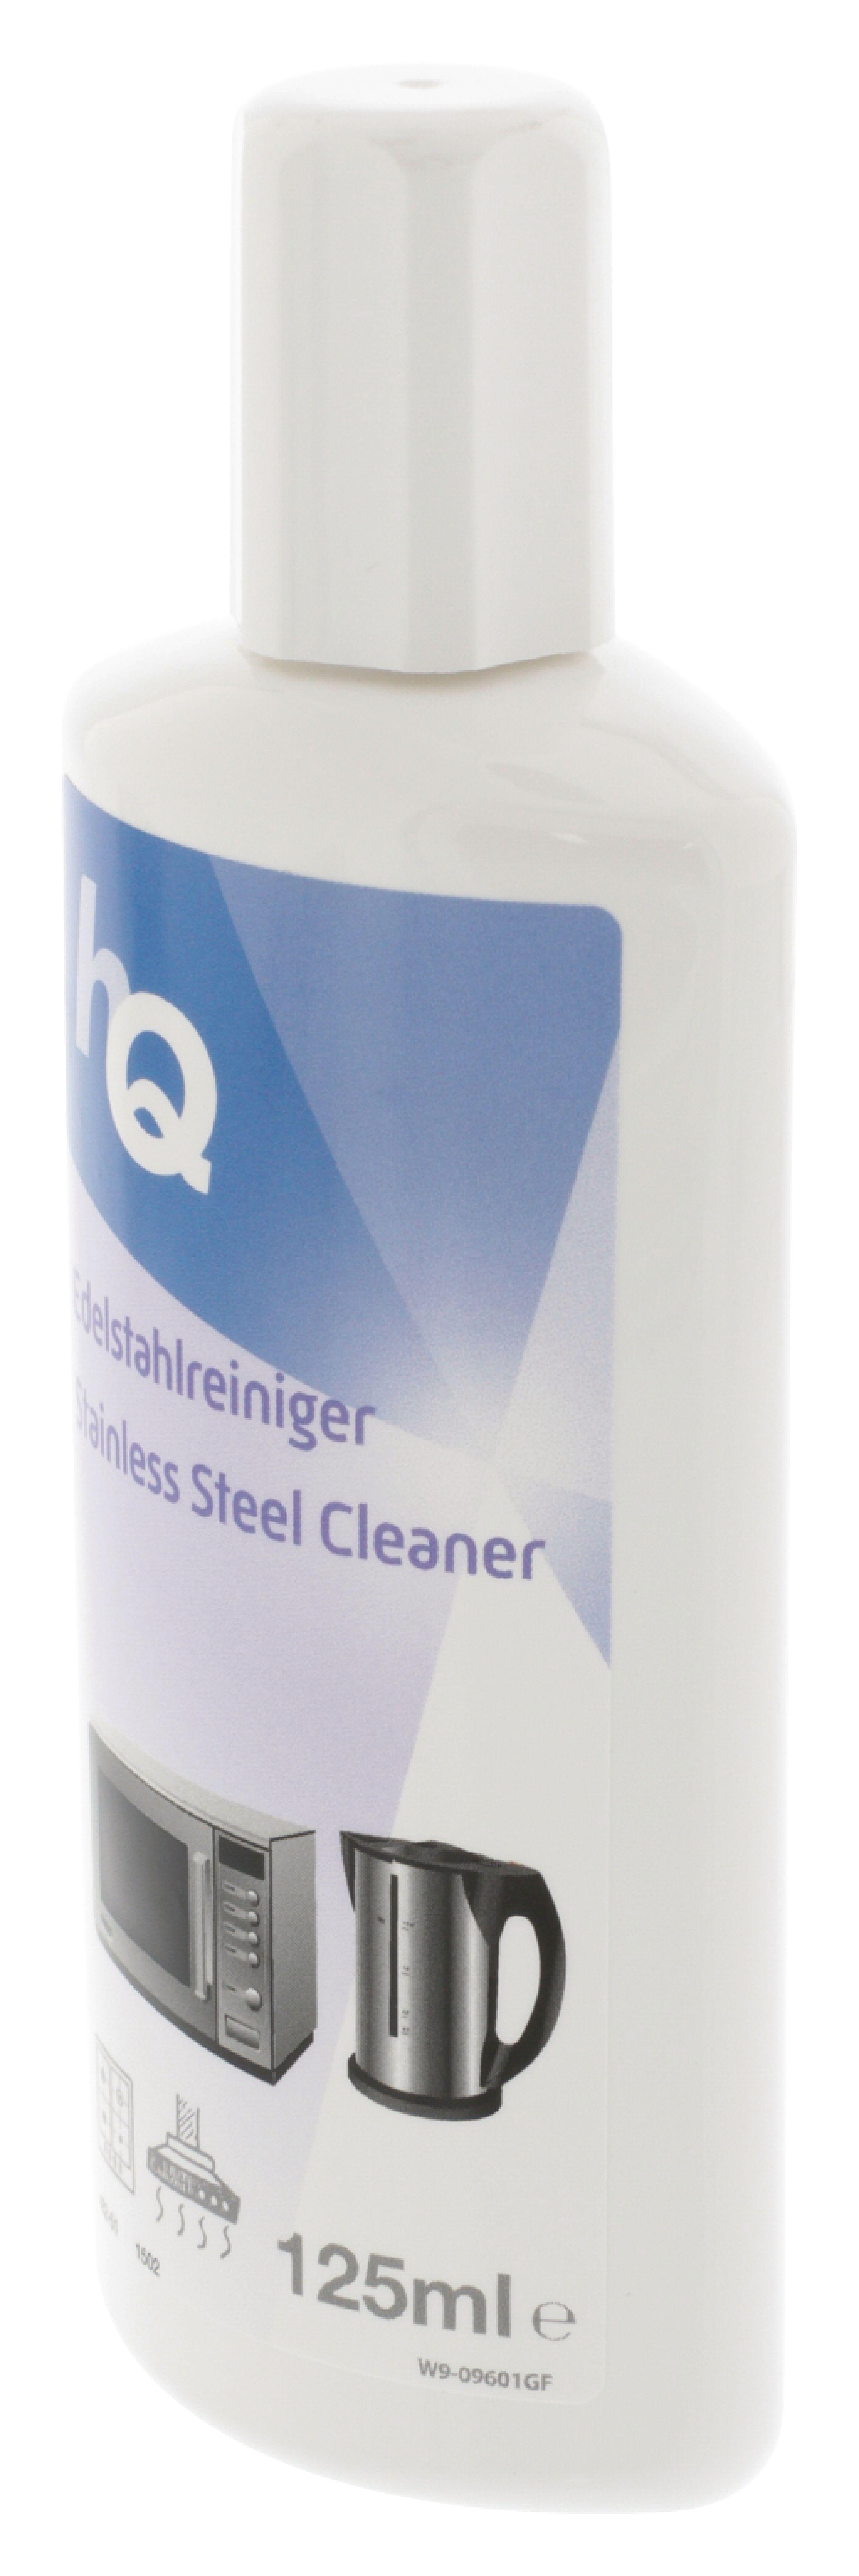 HQ čisticí prostředek na nerezové povrchy 125 ml, W9-09601GF